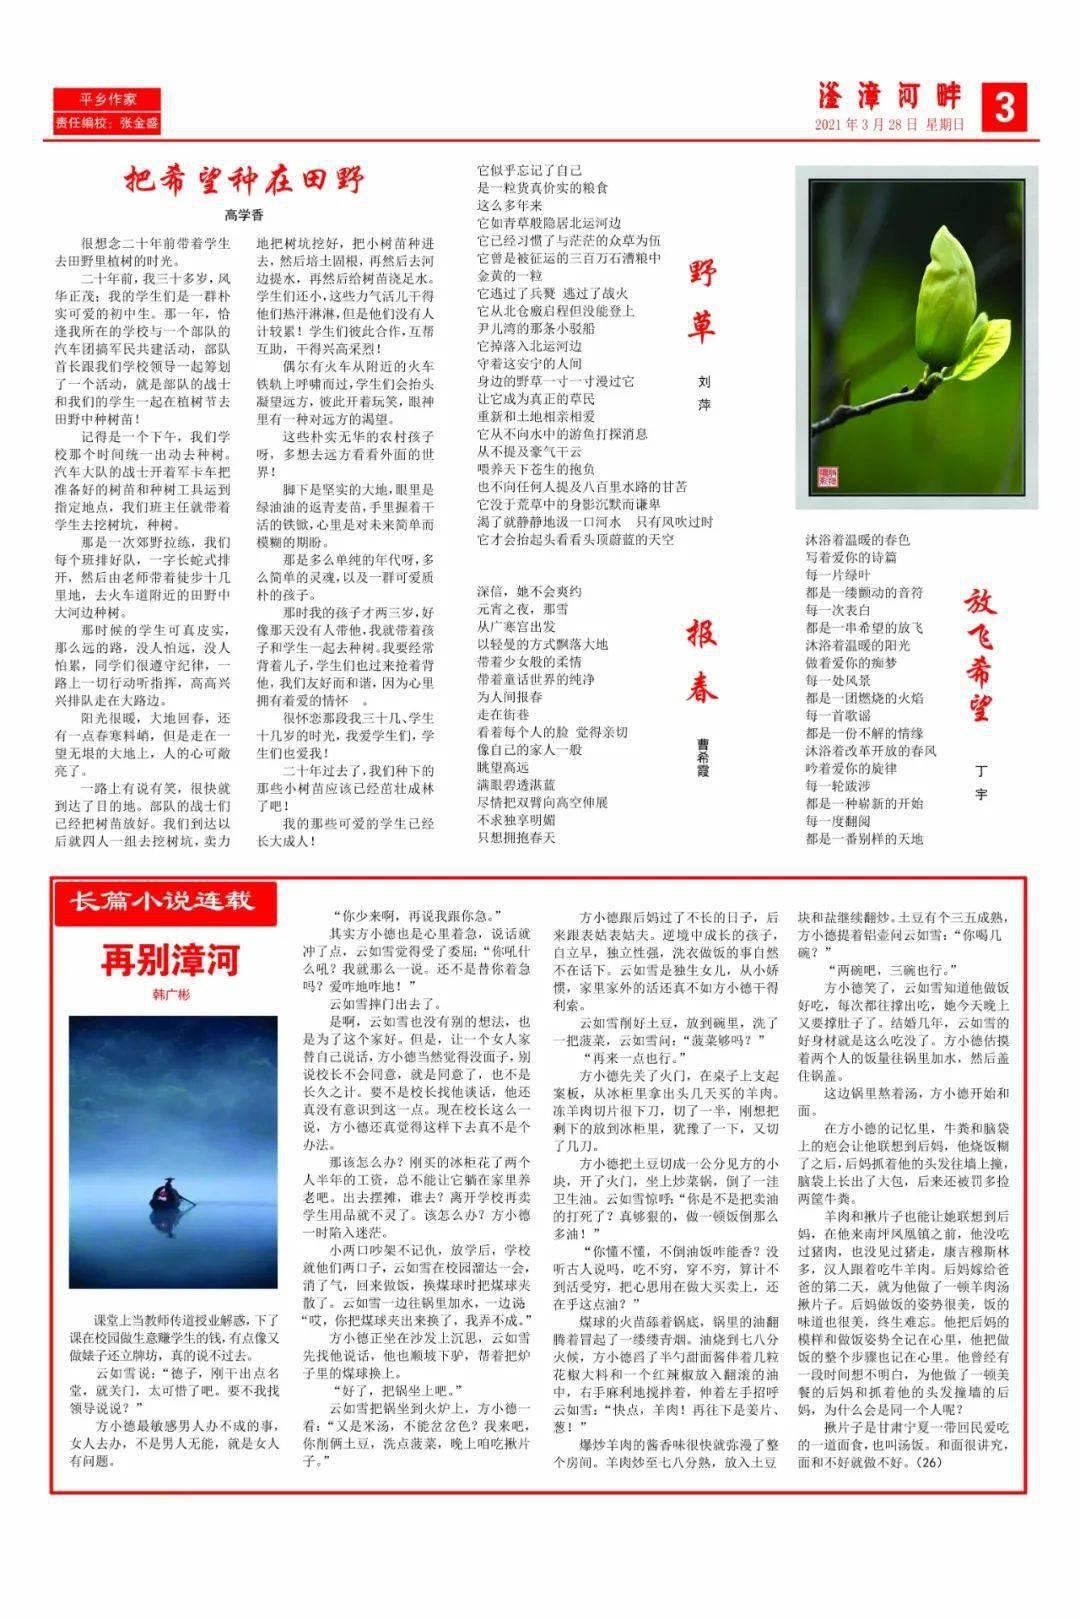 姜可原文在线阅读 姜可原文海棠